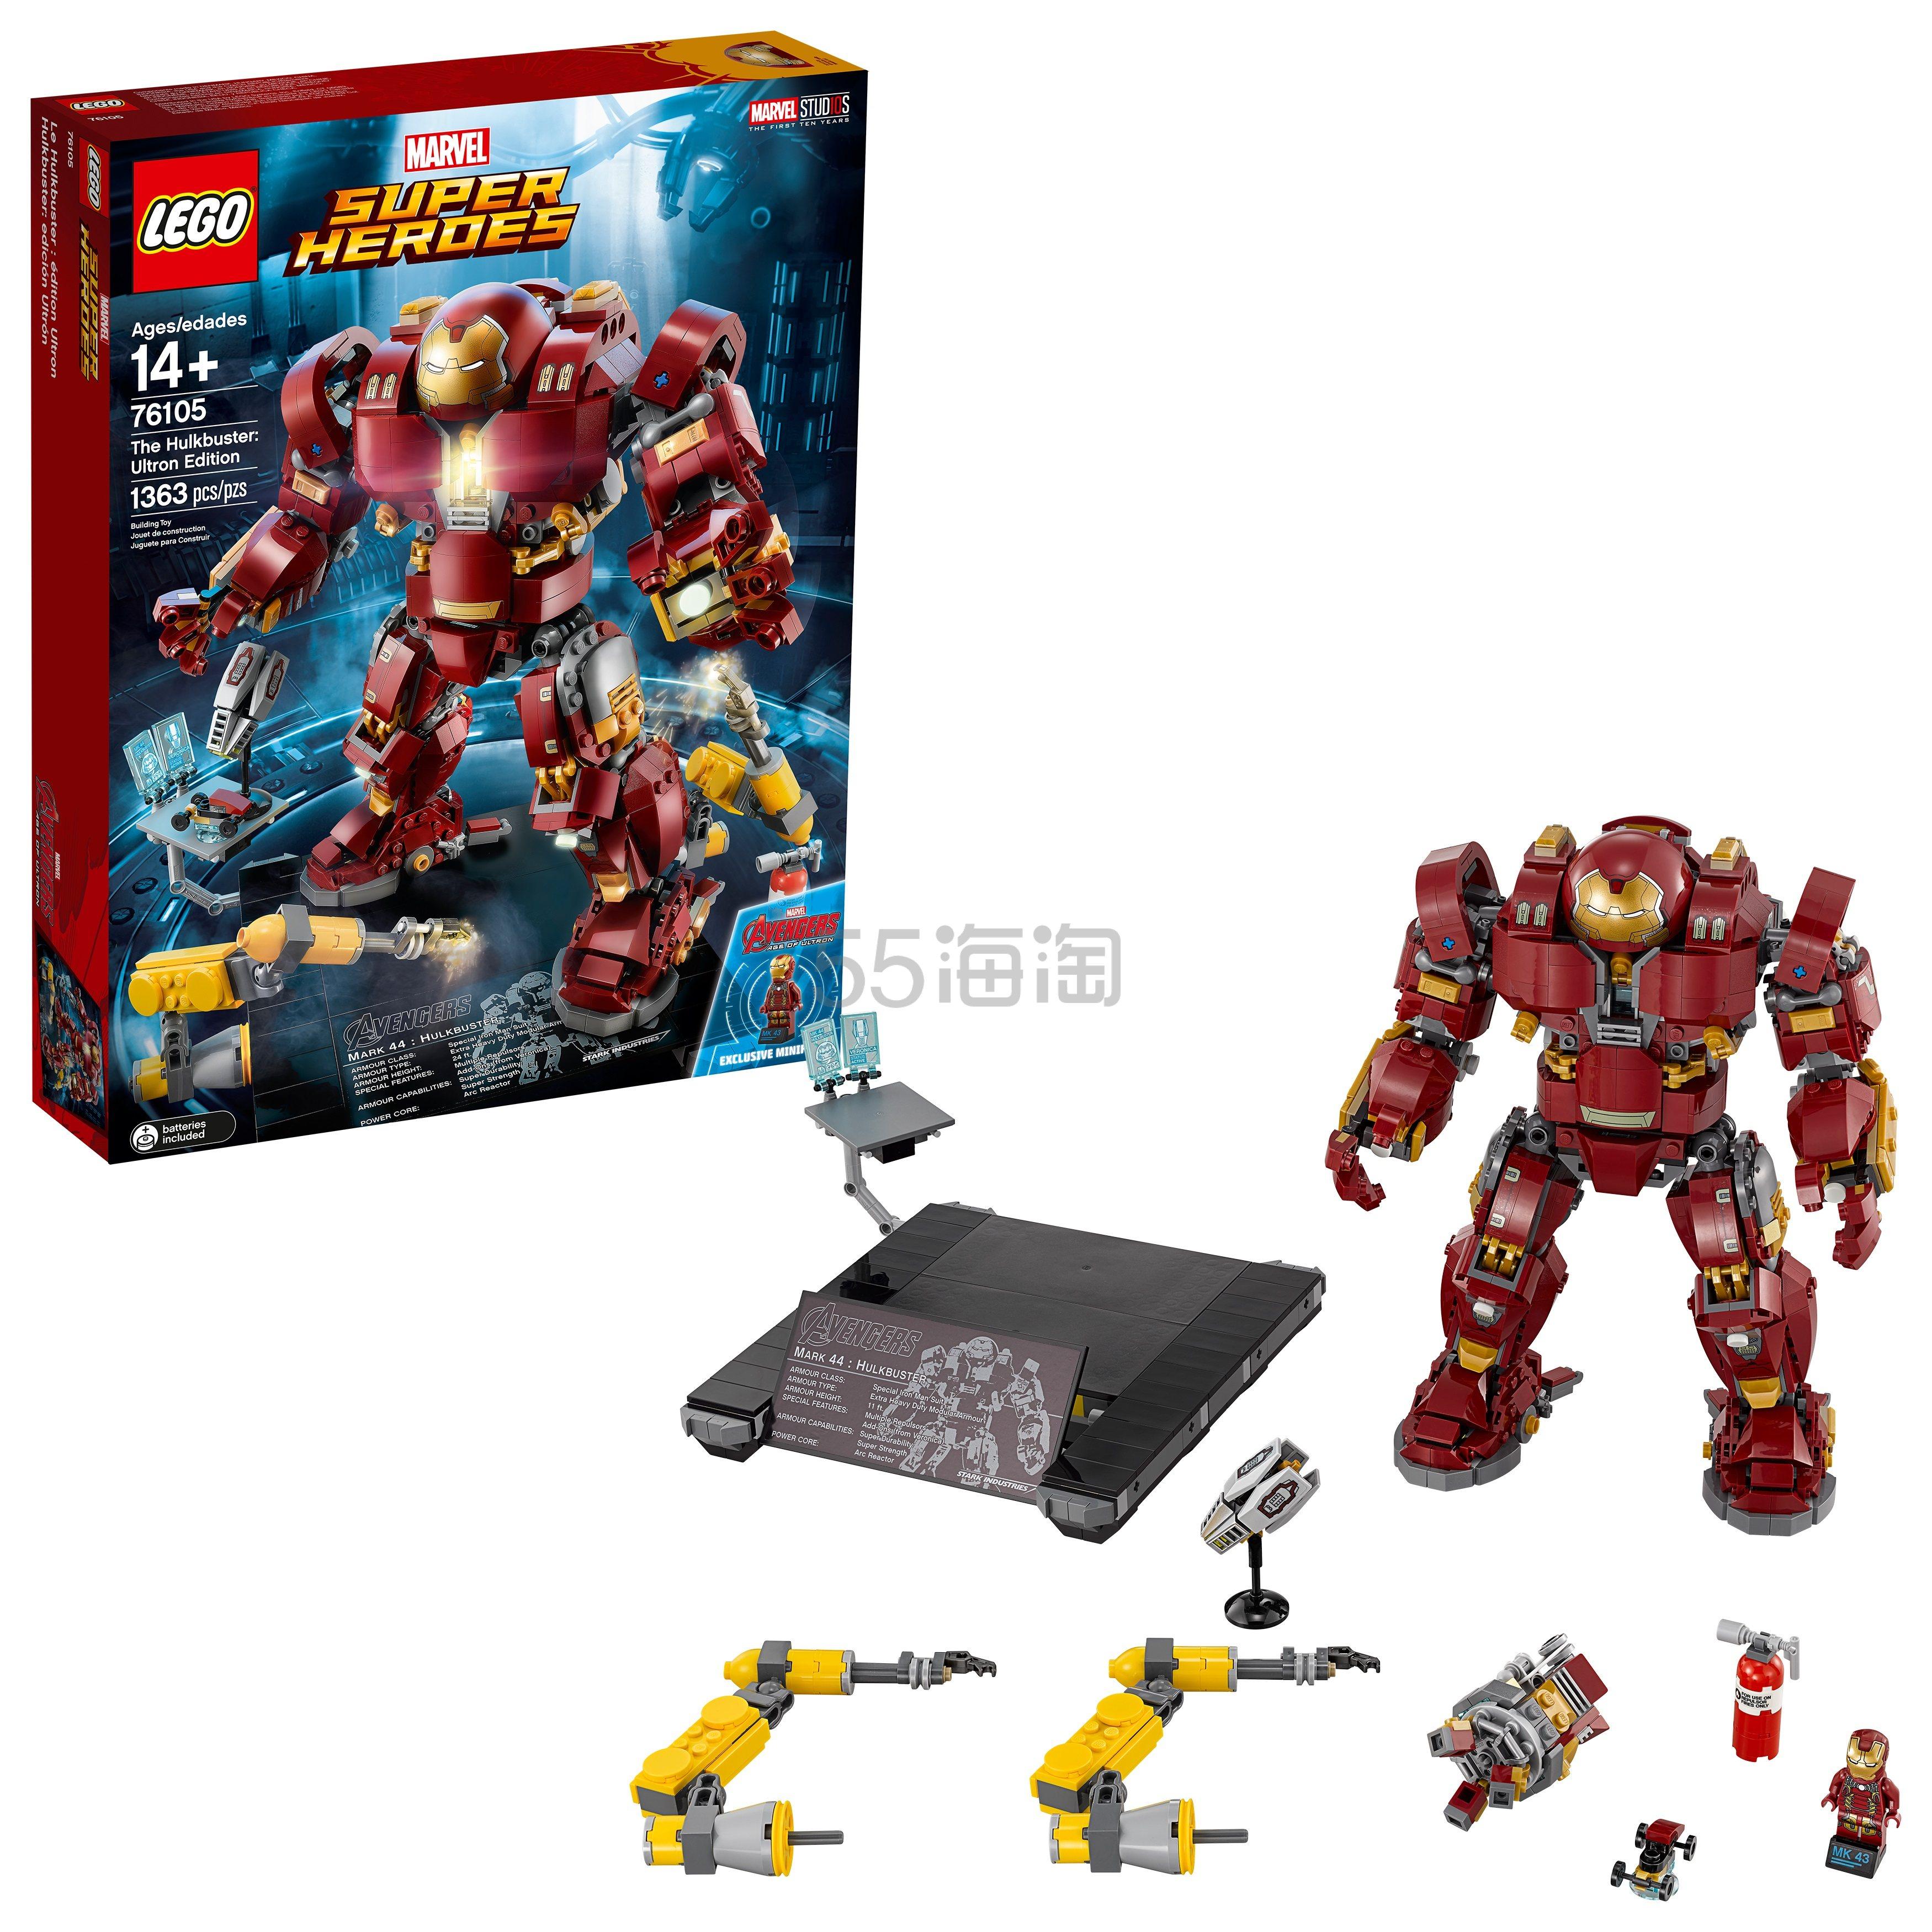 LEGO 乐高 漫威系列 反浩克装甲:奥创版本 76105